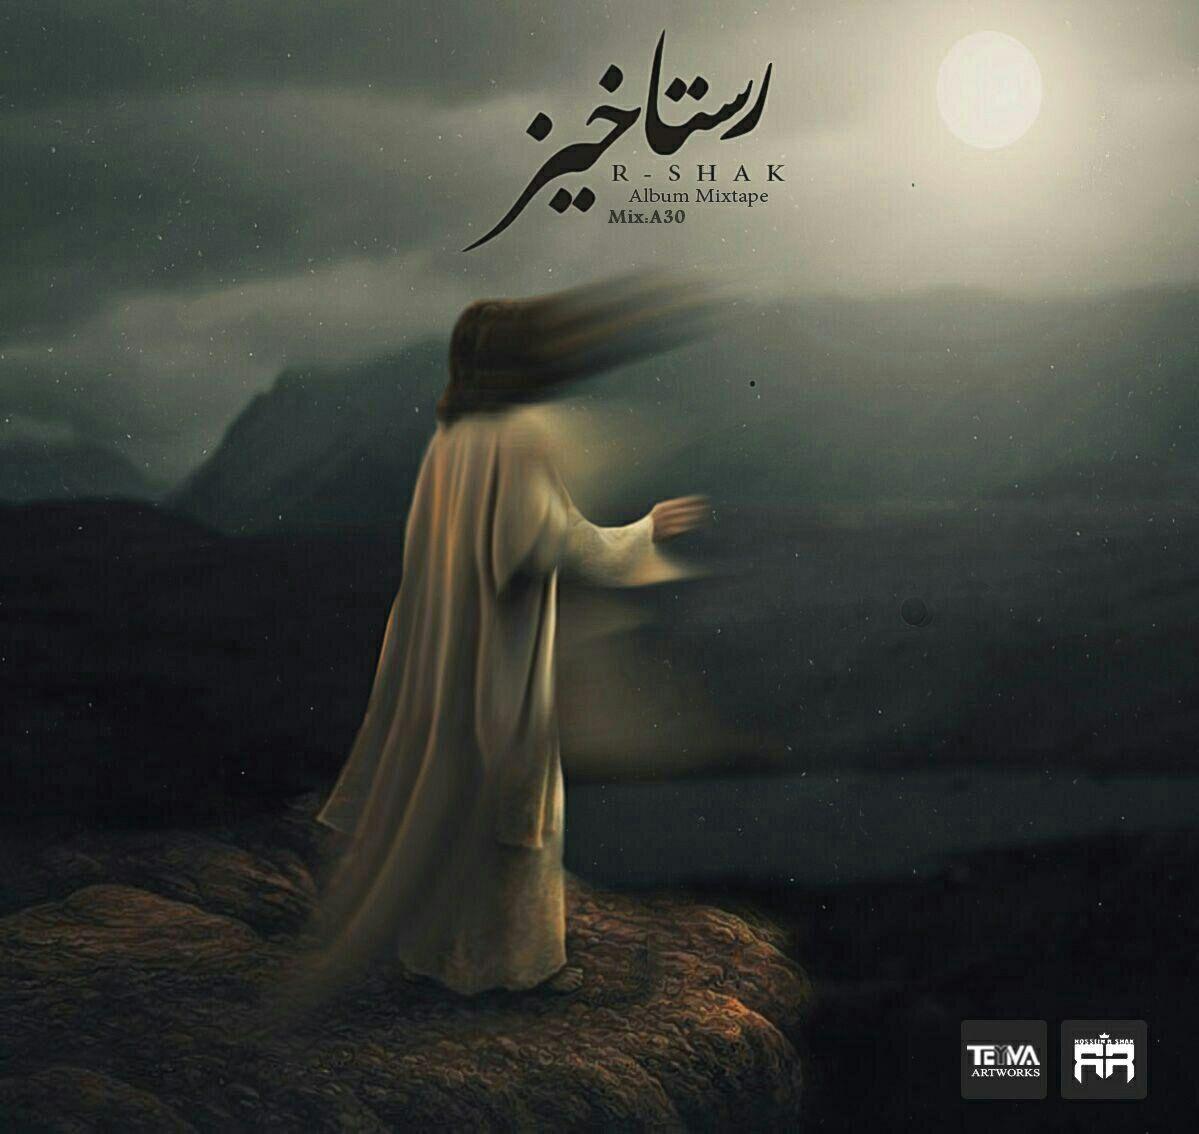 دانلود آلبوم جدید و بسیار زیبای حسین آرشاک به نام رستاخیز